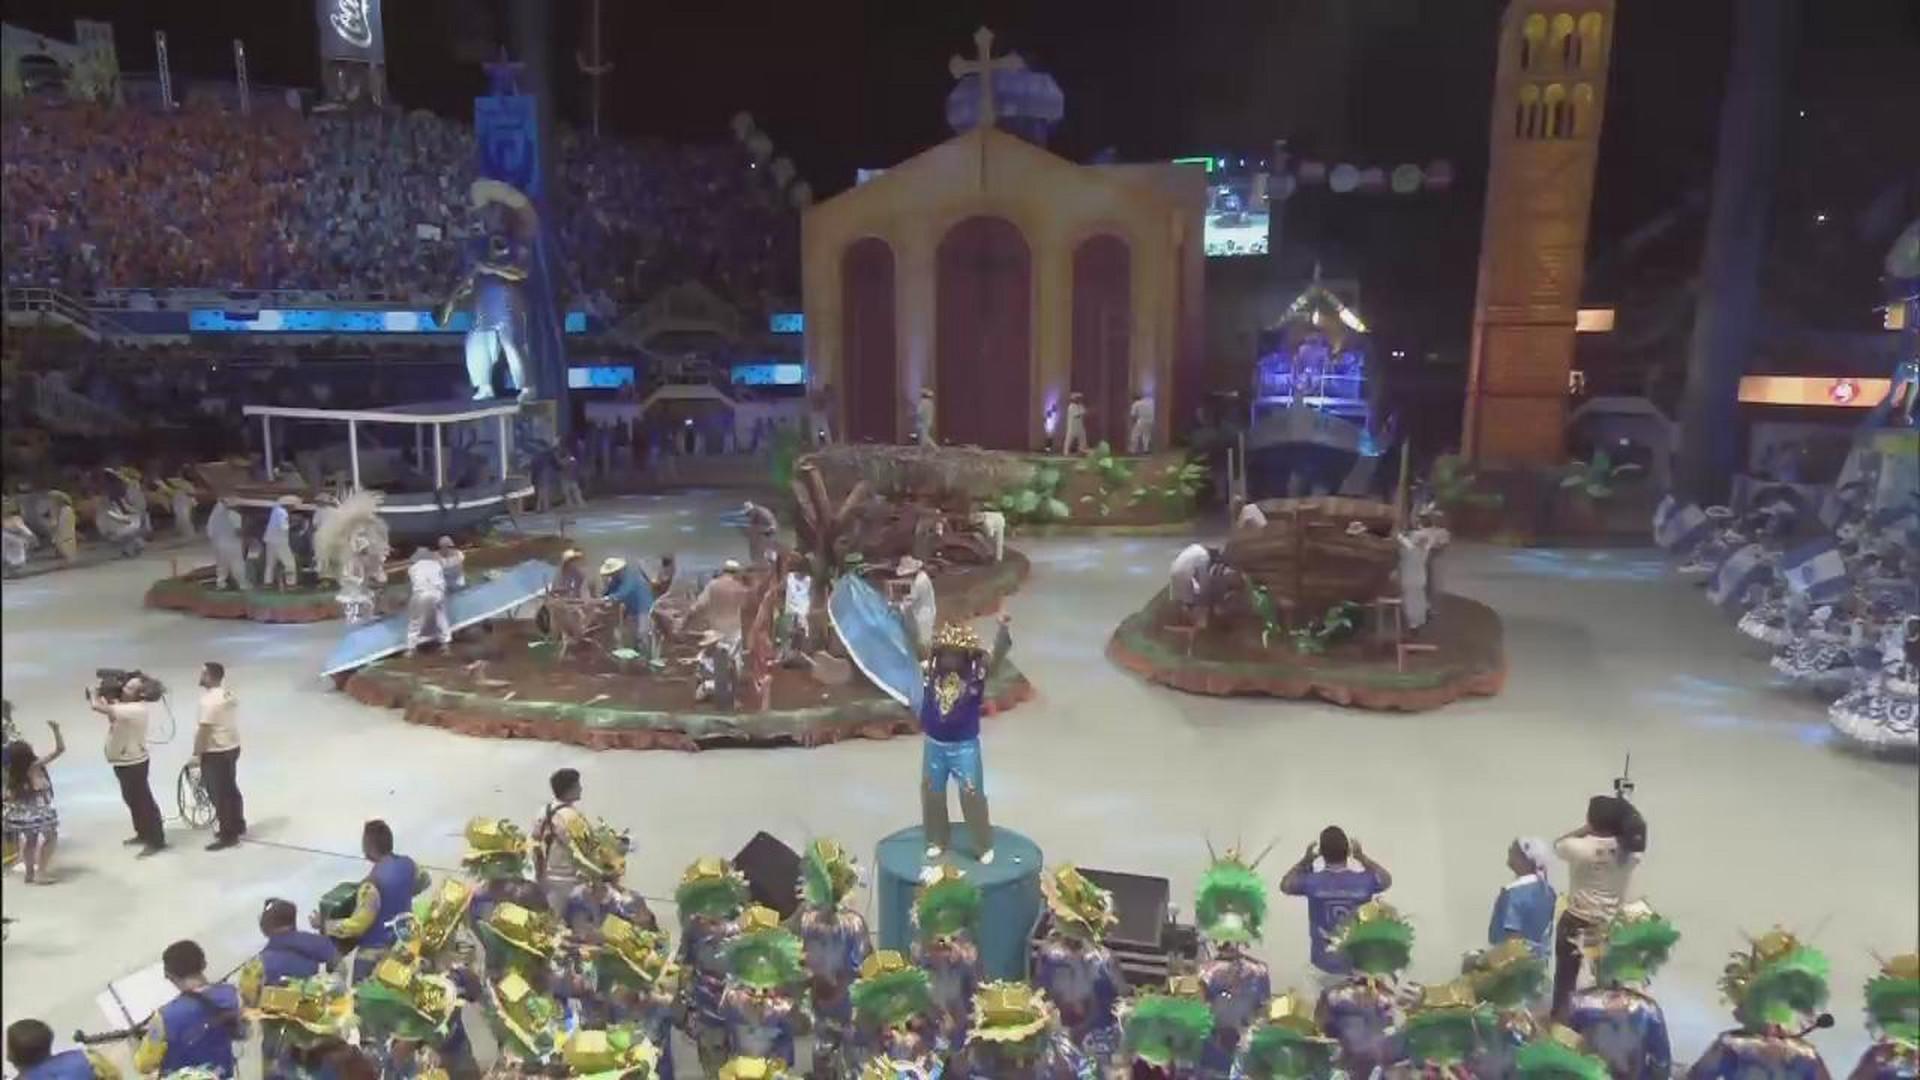 CONFIRA A APRESENTAÇÃO DA FIGURA TÍPICA REGIONAL DO BOI CAPRICHOSO - Terceira Noite - 02/07/17